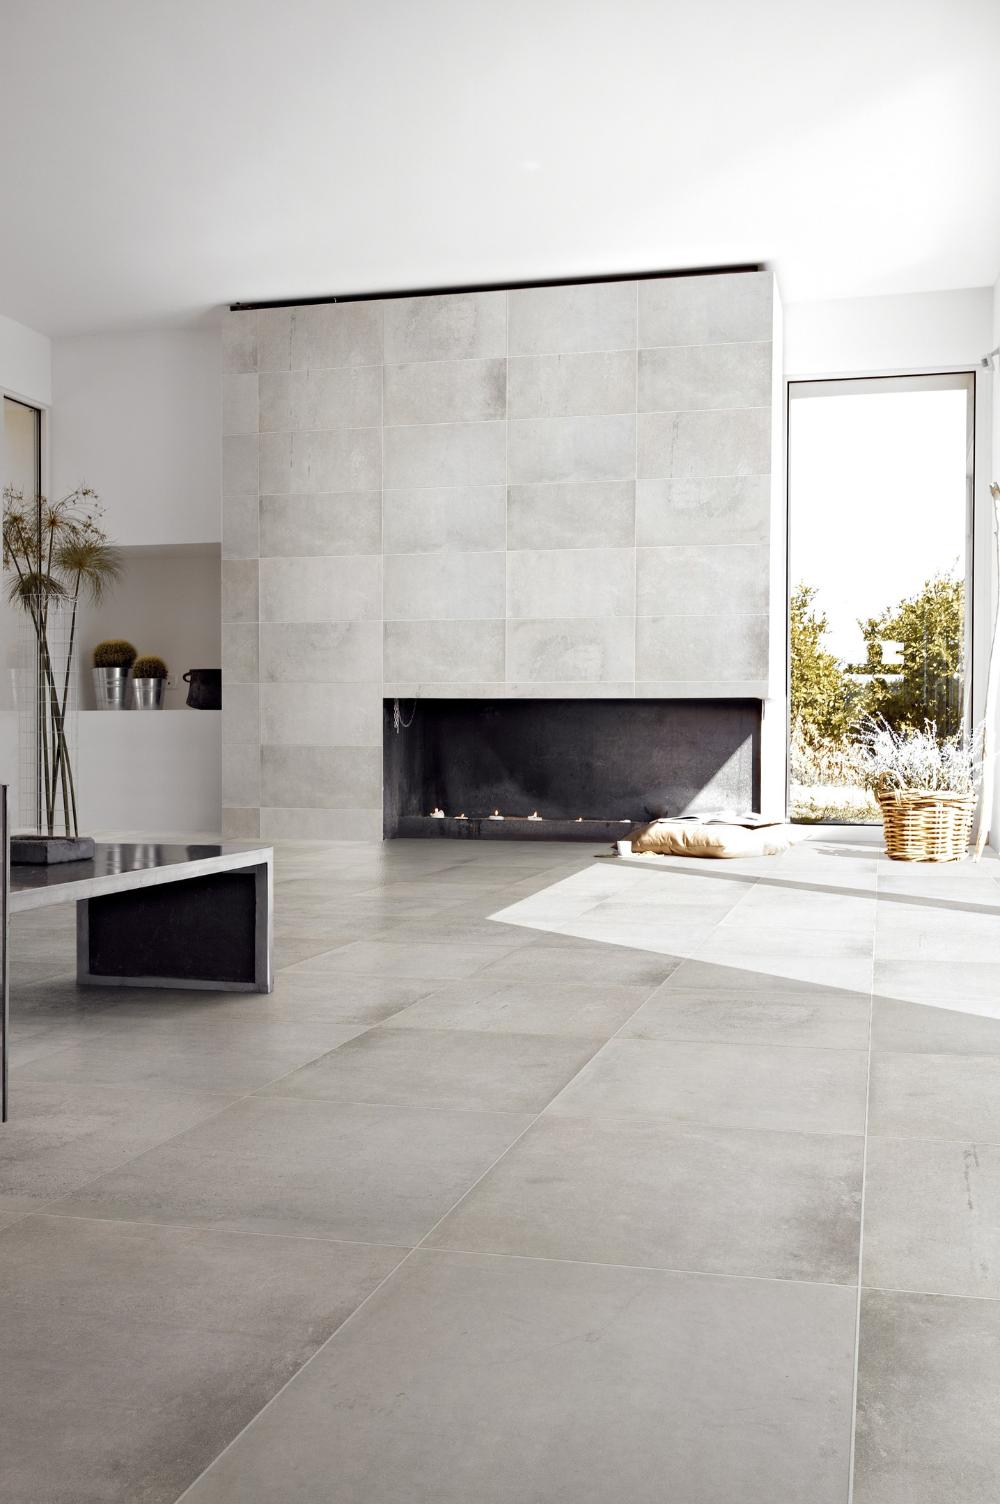 BuildDirect®: Salerno Porcelain Tile - Tint Concrete